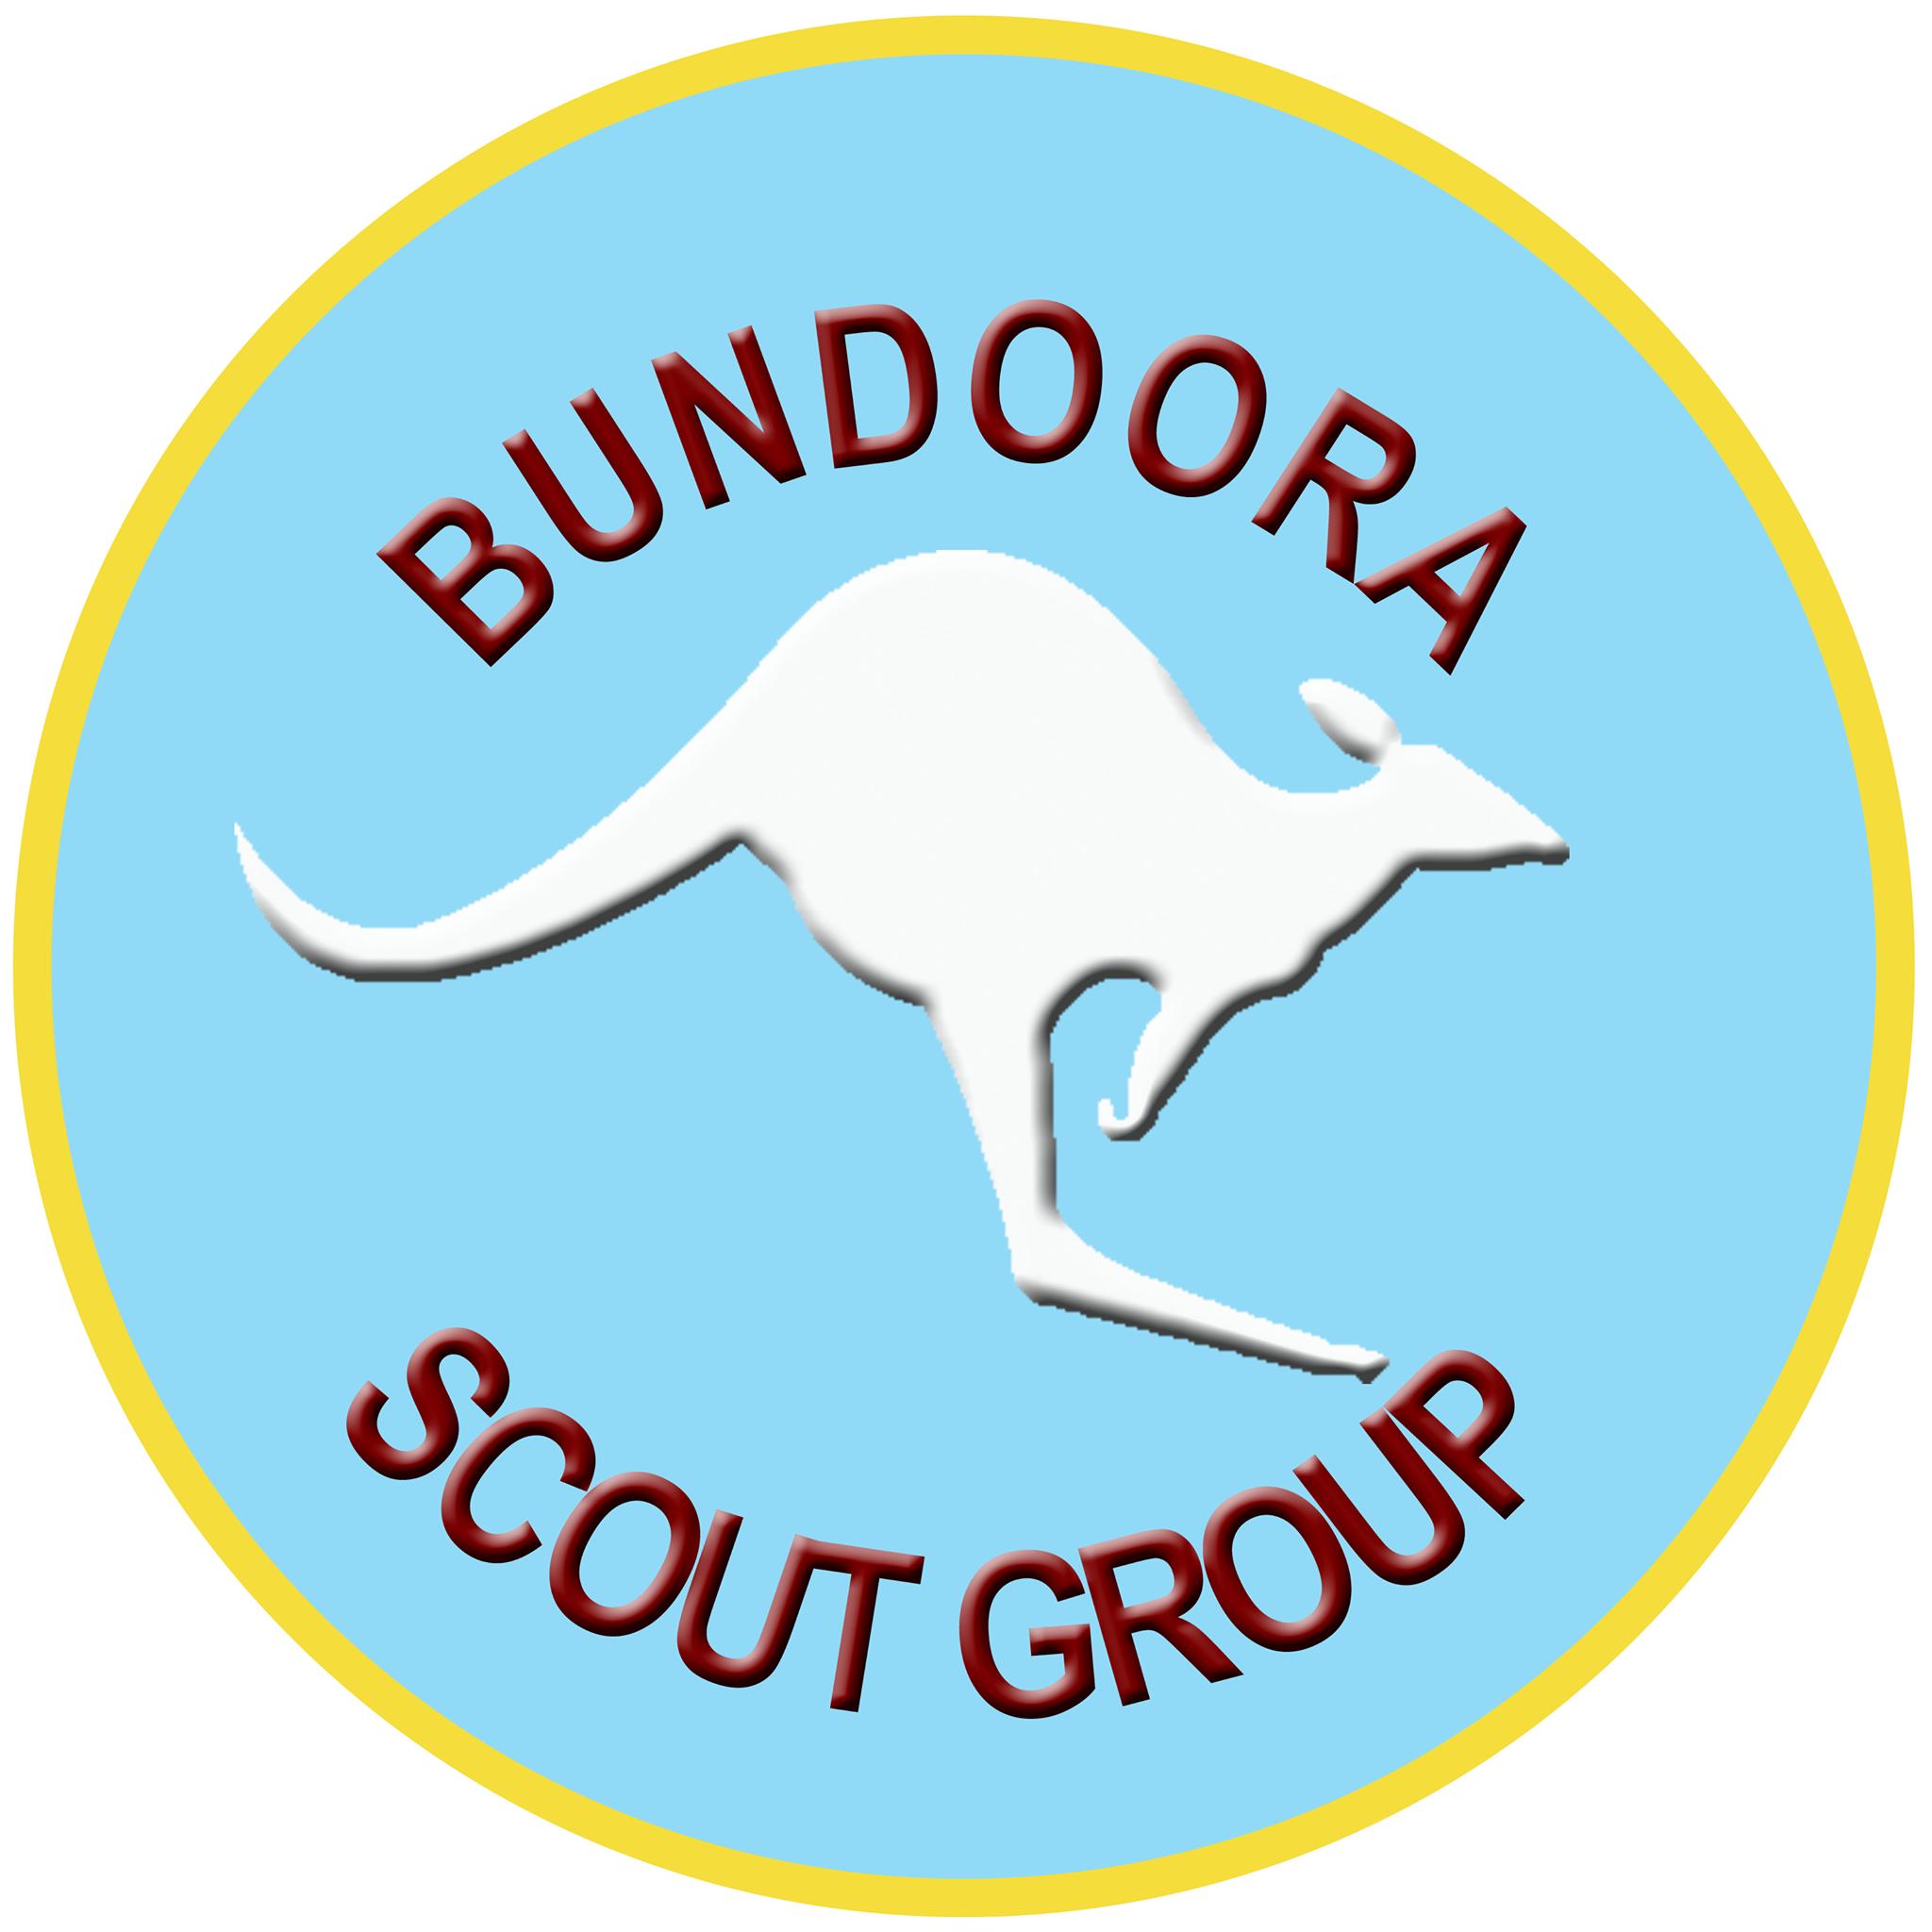 Bundoora Scouts Group